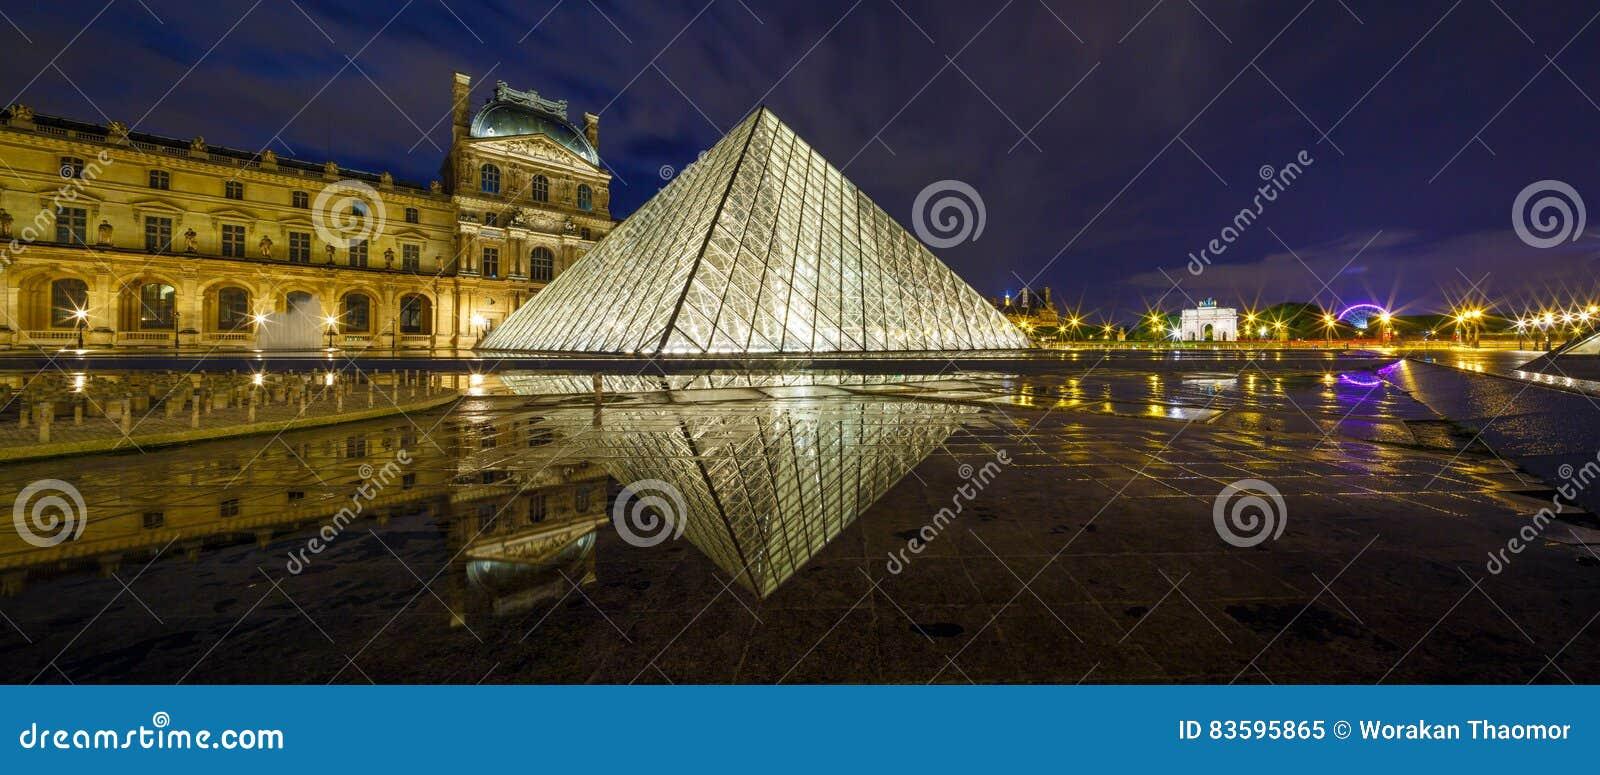 ΠΑΡΙΣΙ, ΓΑΛΛΙΑ - 18 ΜΑΐΟΥ 2016: Μουσείο του Λούβρου και η πυραμίδα στο λυκόφως